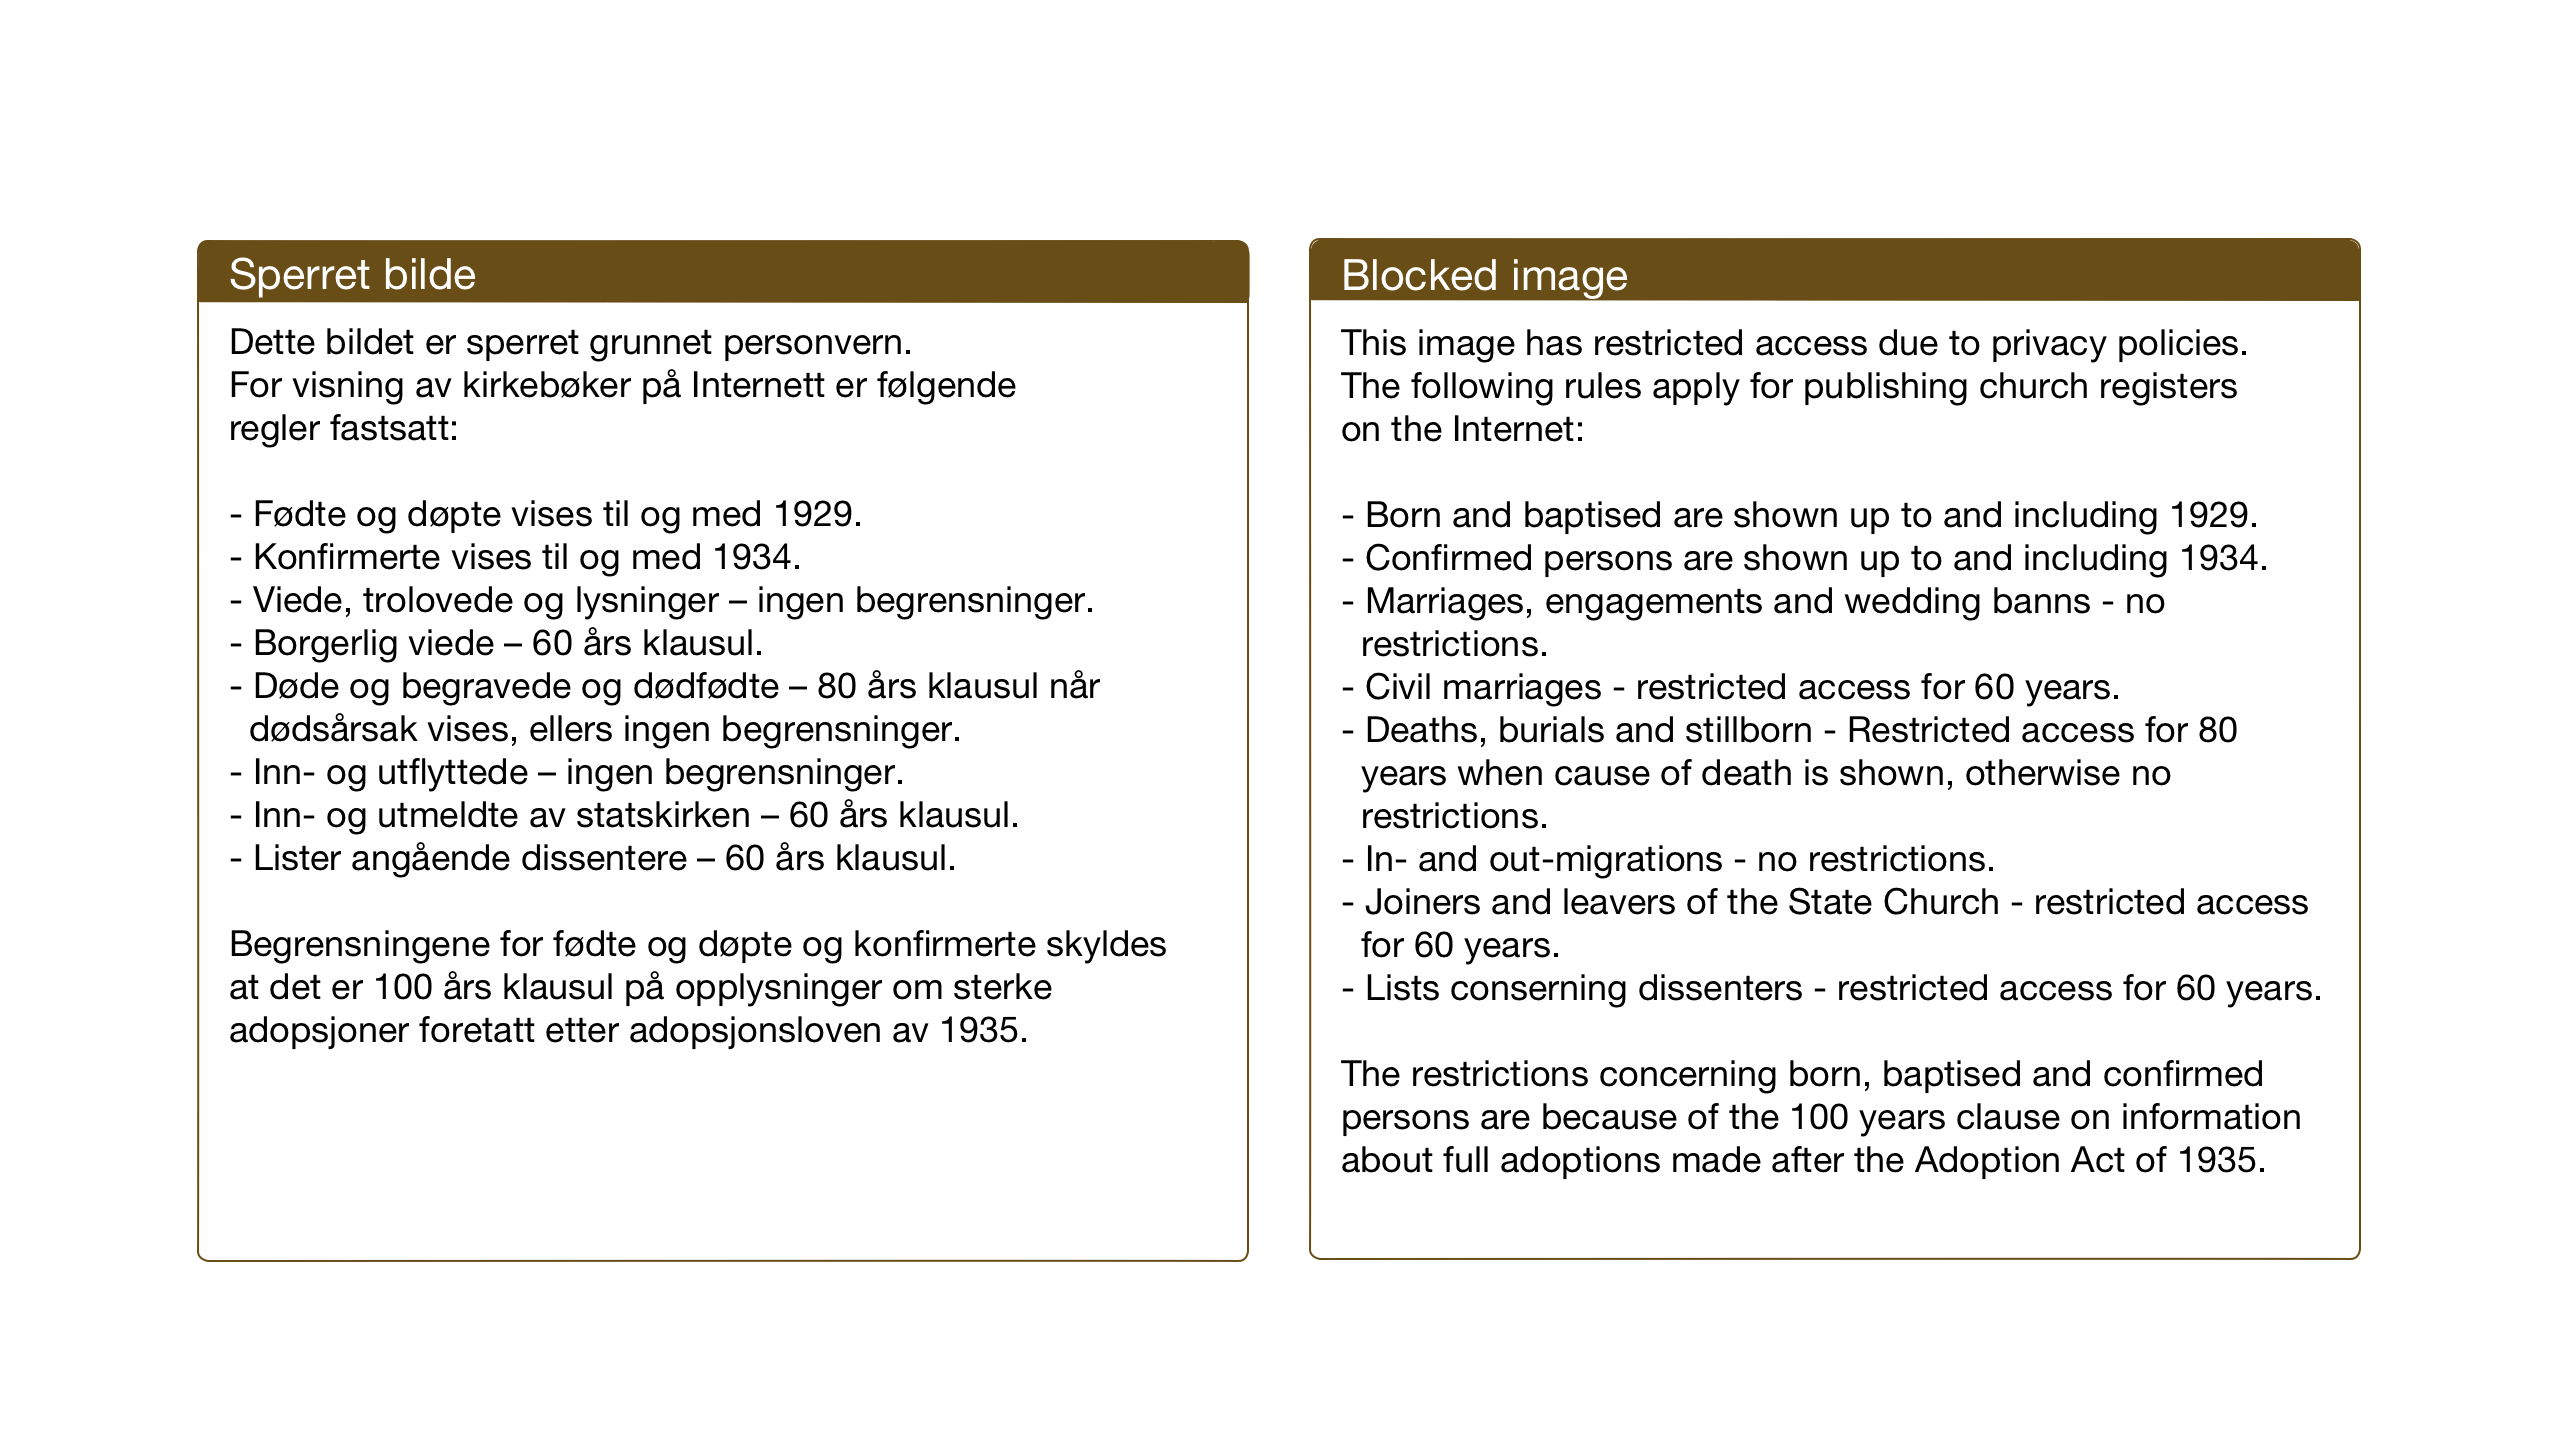 SAT, Ministerialprotokoller, klokkerbøker og fødselsregistre - Sør-Trøndelag, 640/L0590: Klokkerbok nr. 640C07, 1935-1948, s. 90